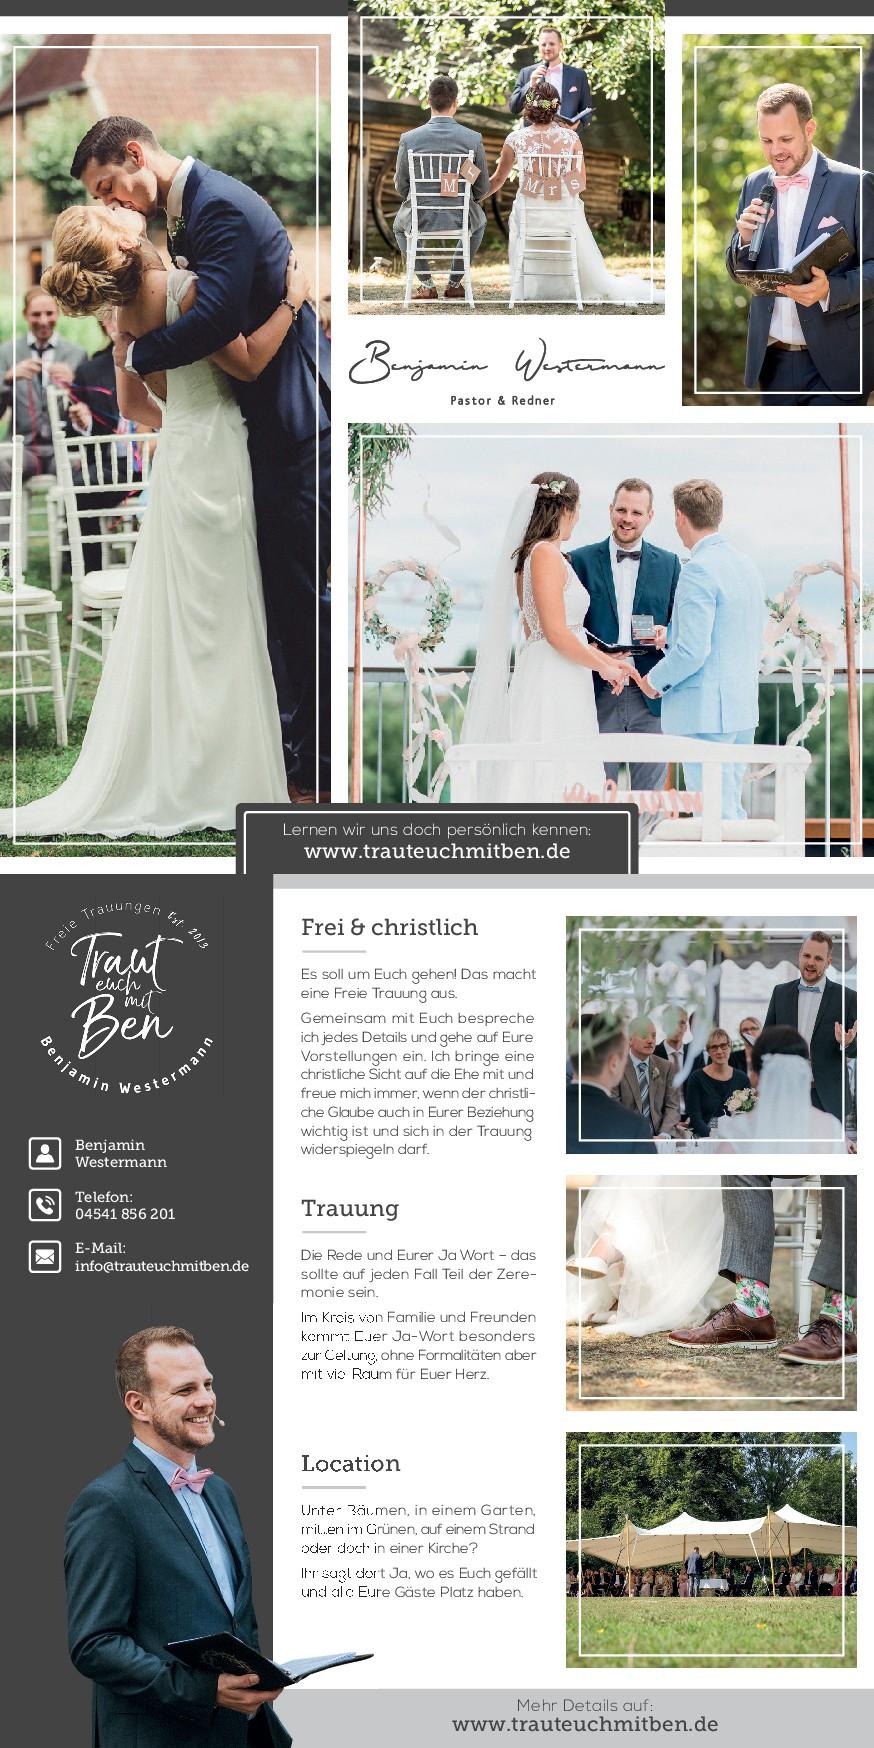 Pastor und Redner braucht einen neuen Flyer der Brautpaare (Freie Trauung) anspricht